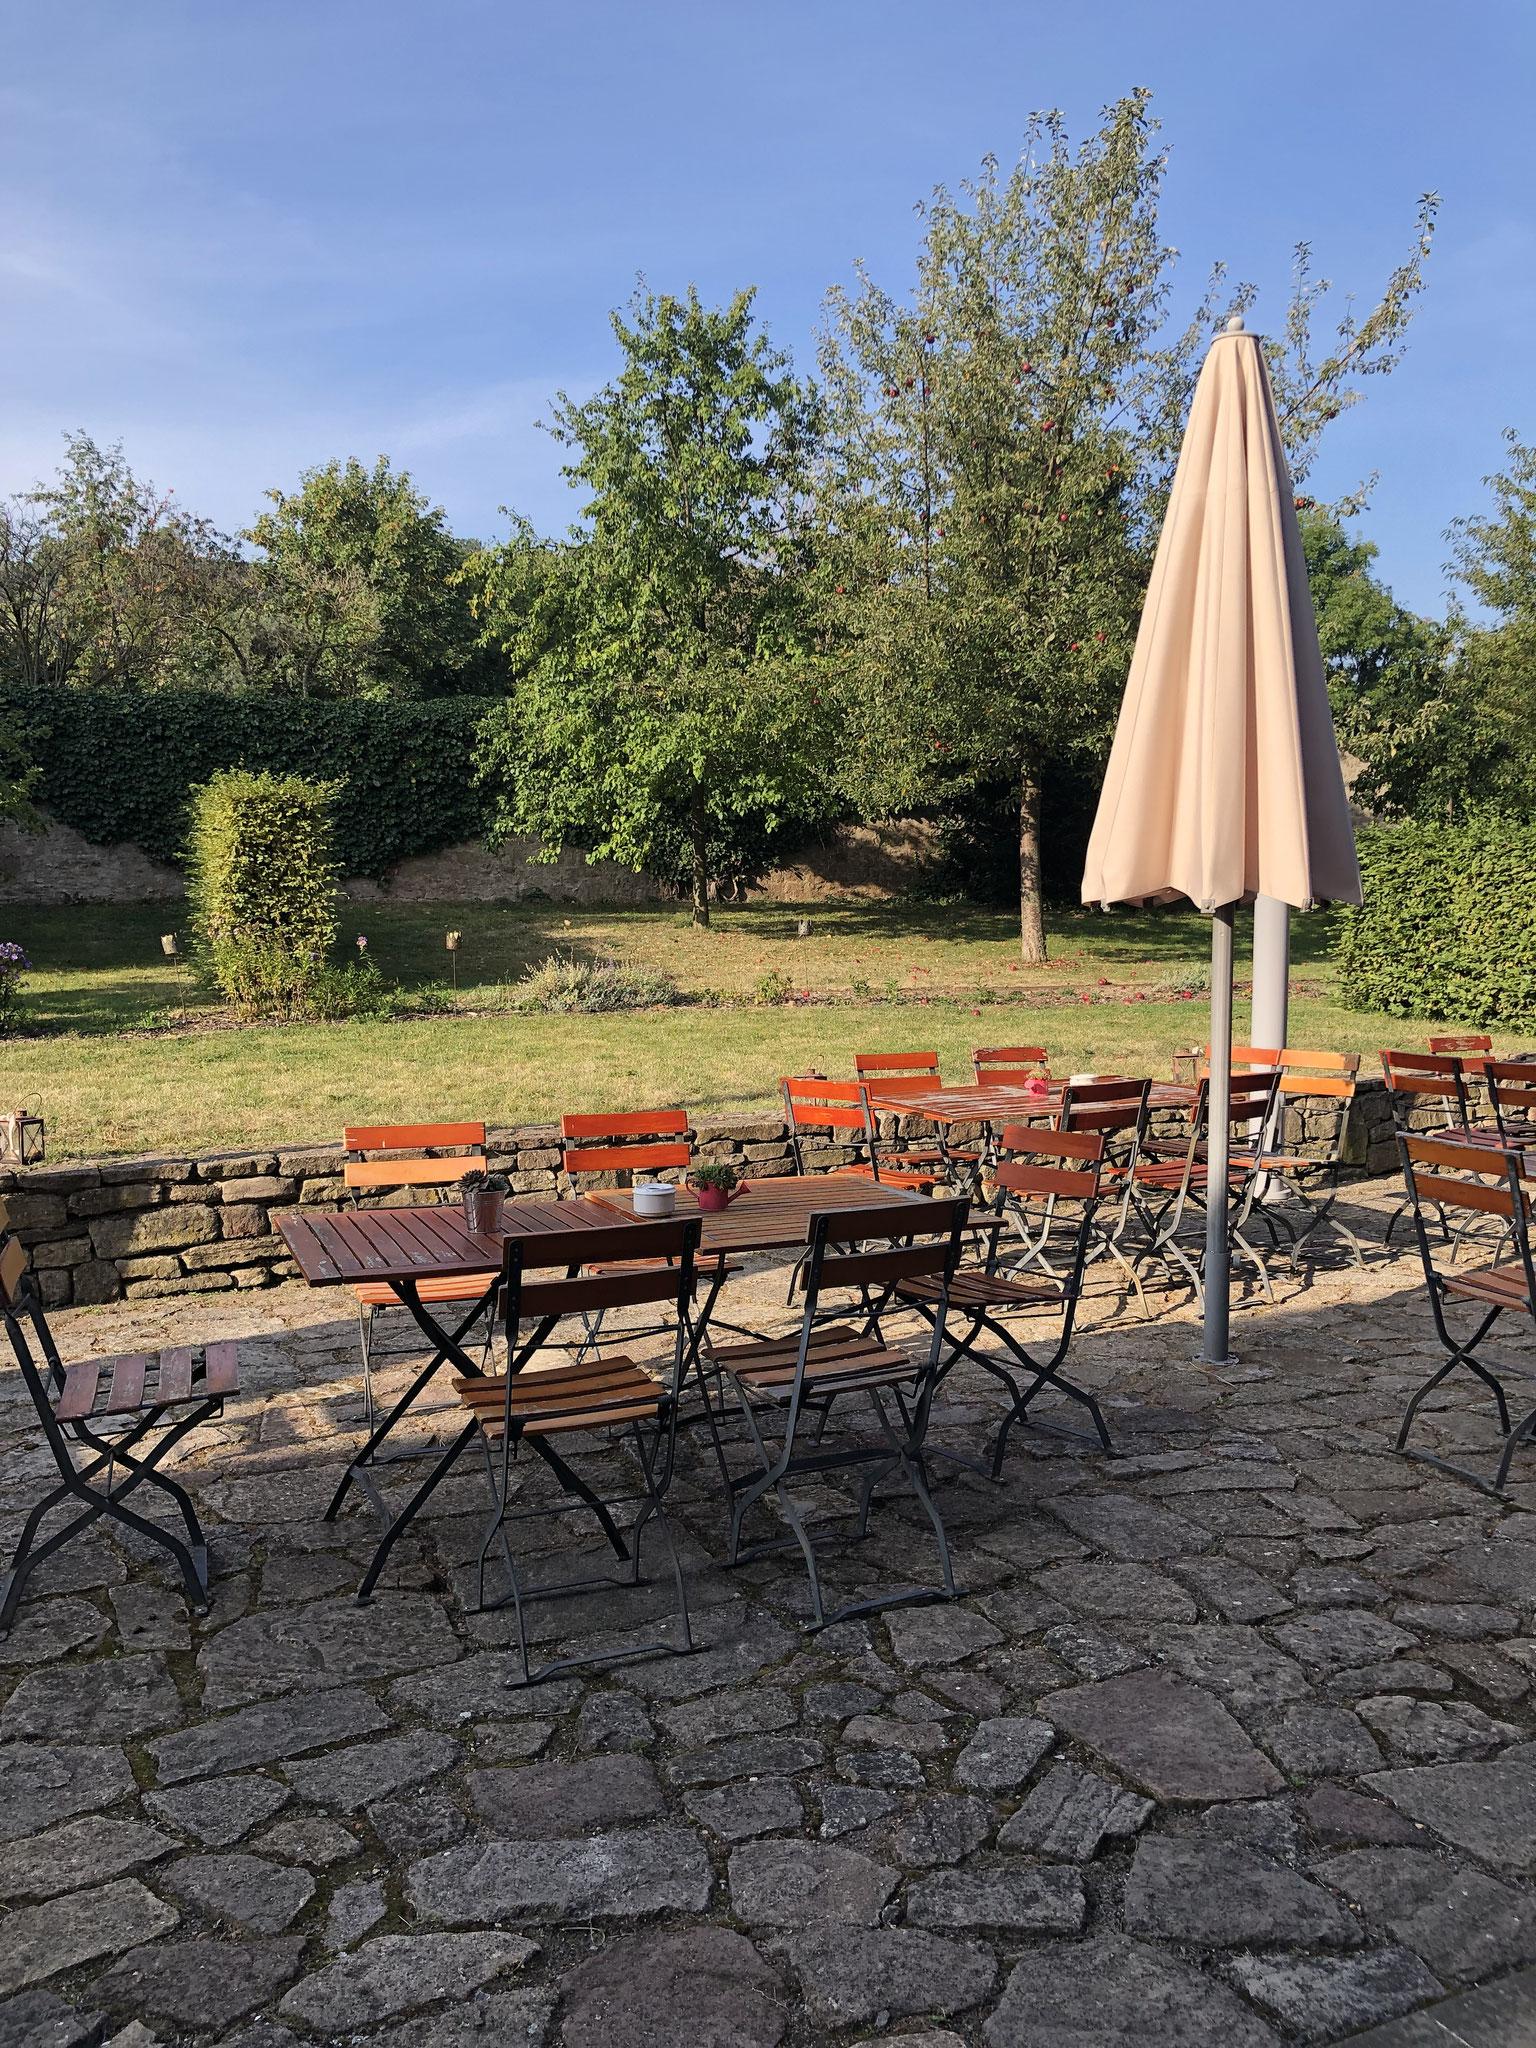 Domänenscheune  - Pausen - Garten